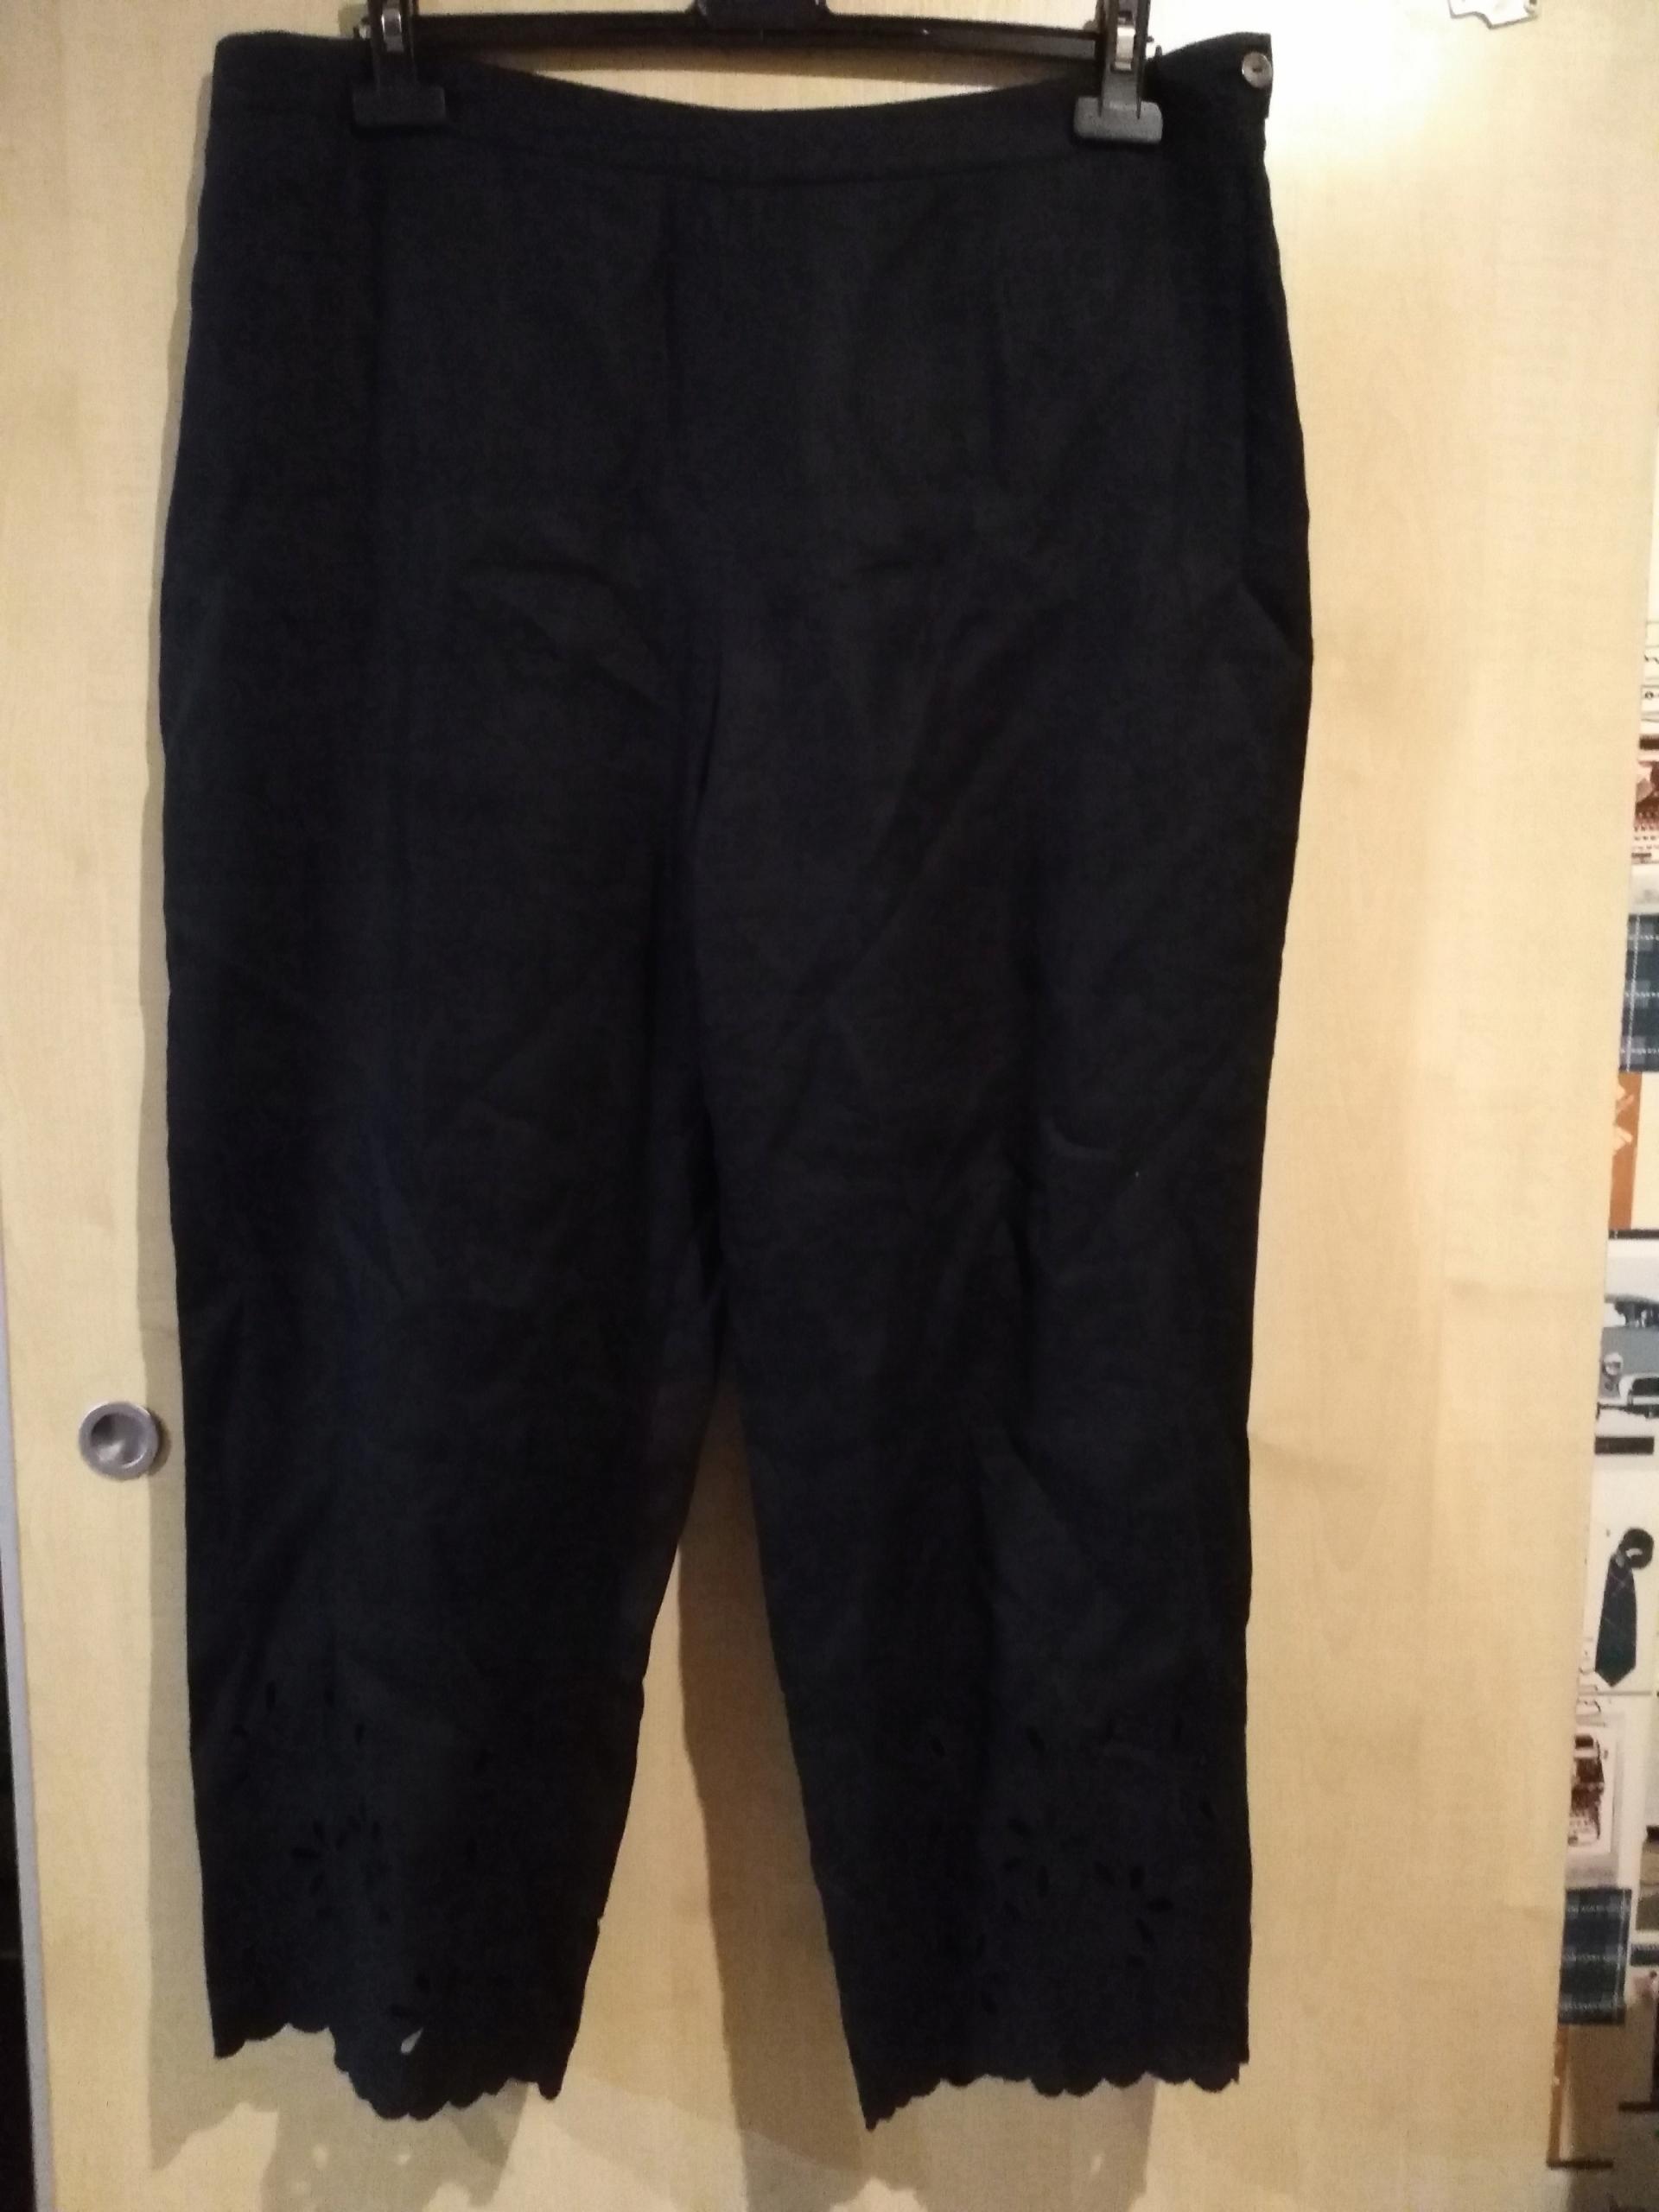 b3d65cbbe2 spodnie czarne nowe rozmiar XXL XXXL - 7639682714 - oficjalne ...